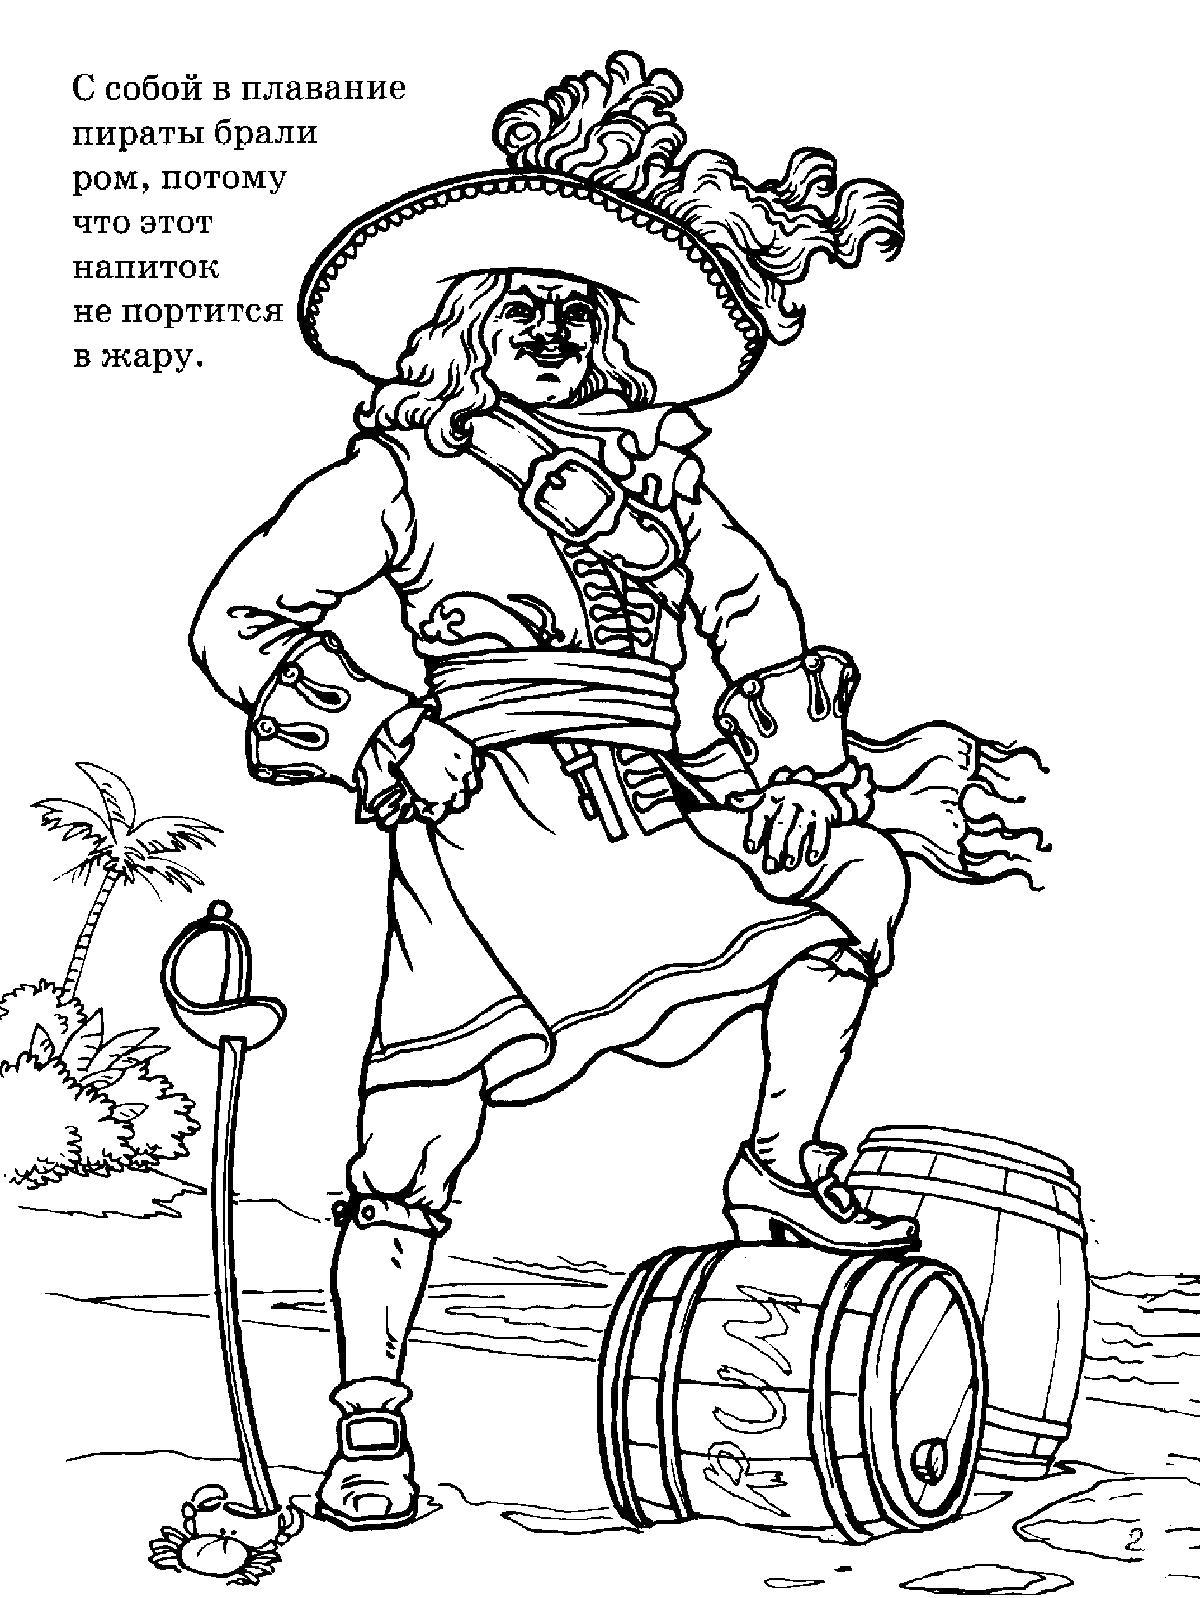 Раскраска пиратский барон. раскраска раскраска пирата, бочка с ромом, сабля, маркиз, барон, разбойник, остров, берег моря